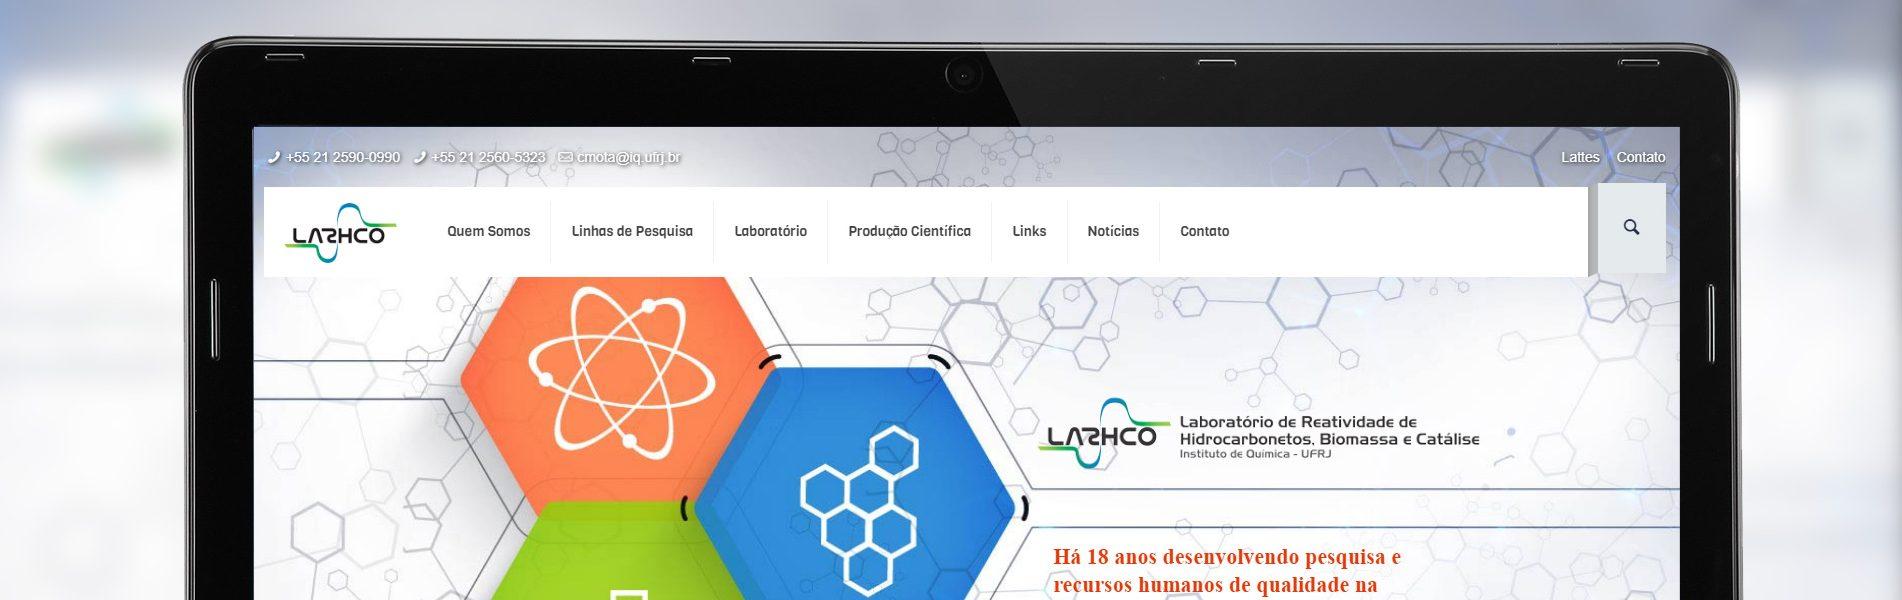 larcho1